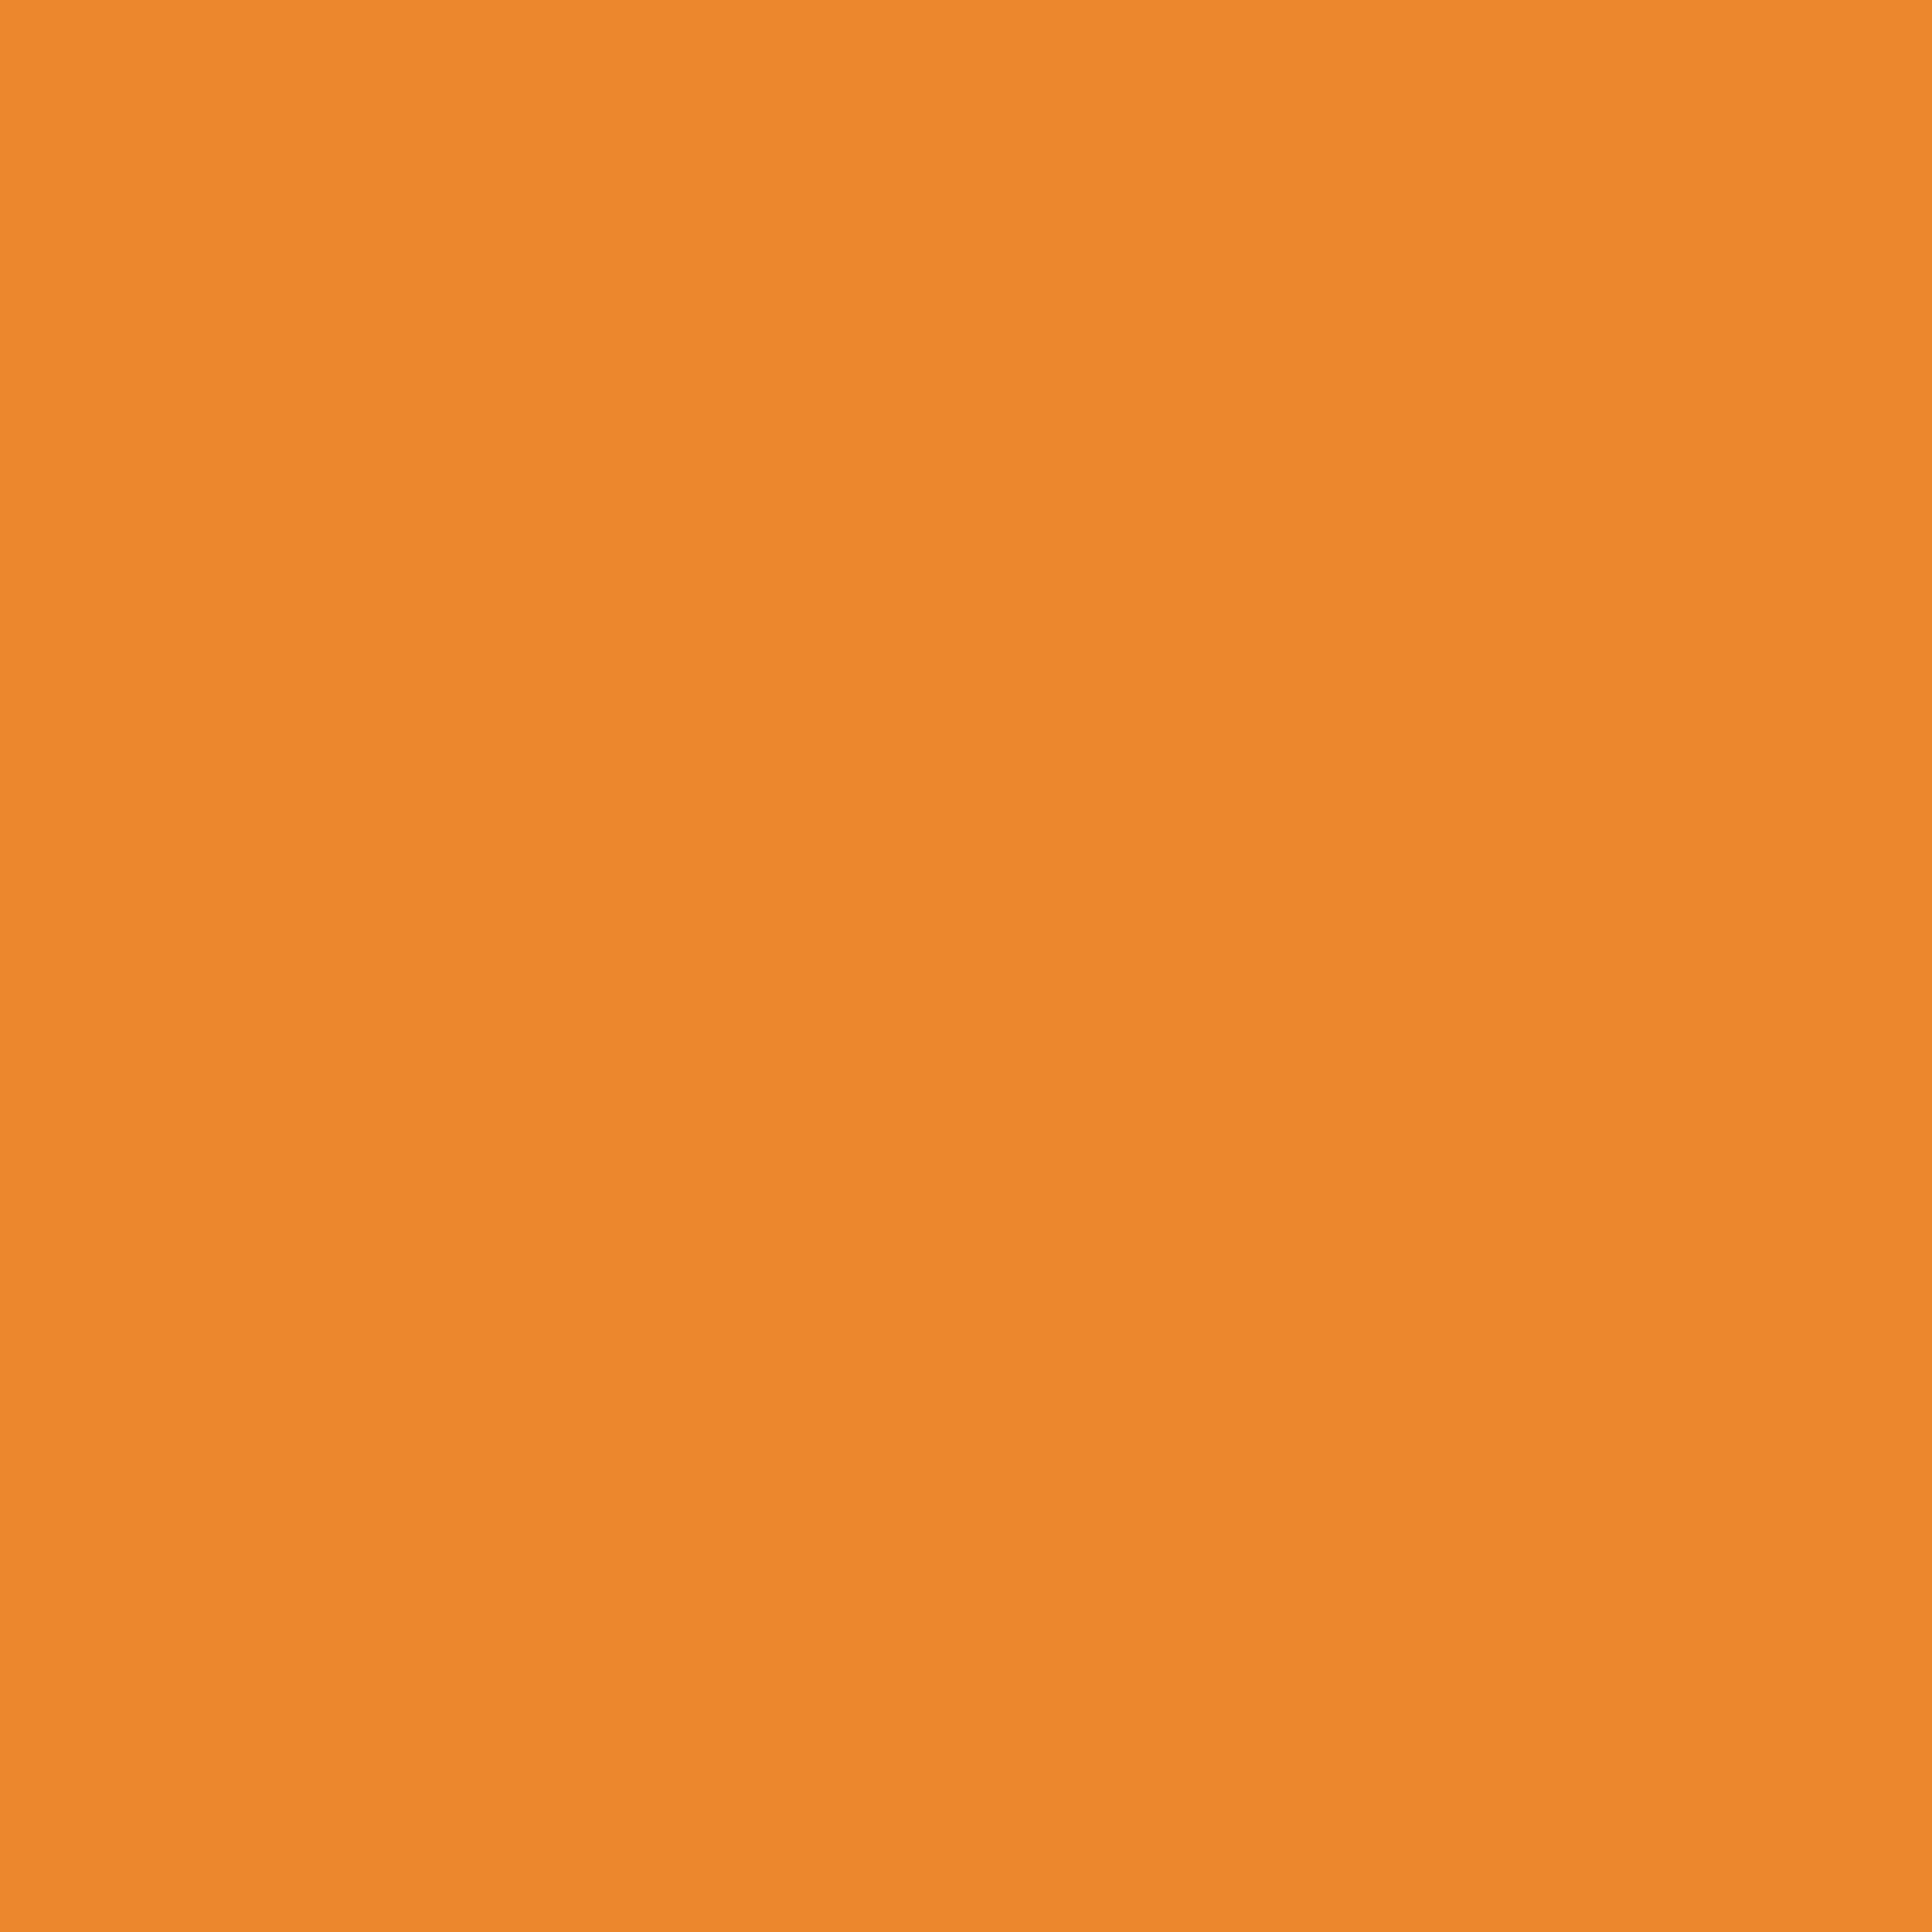 3600x3600 Cadmium Orange Solid Color Background